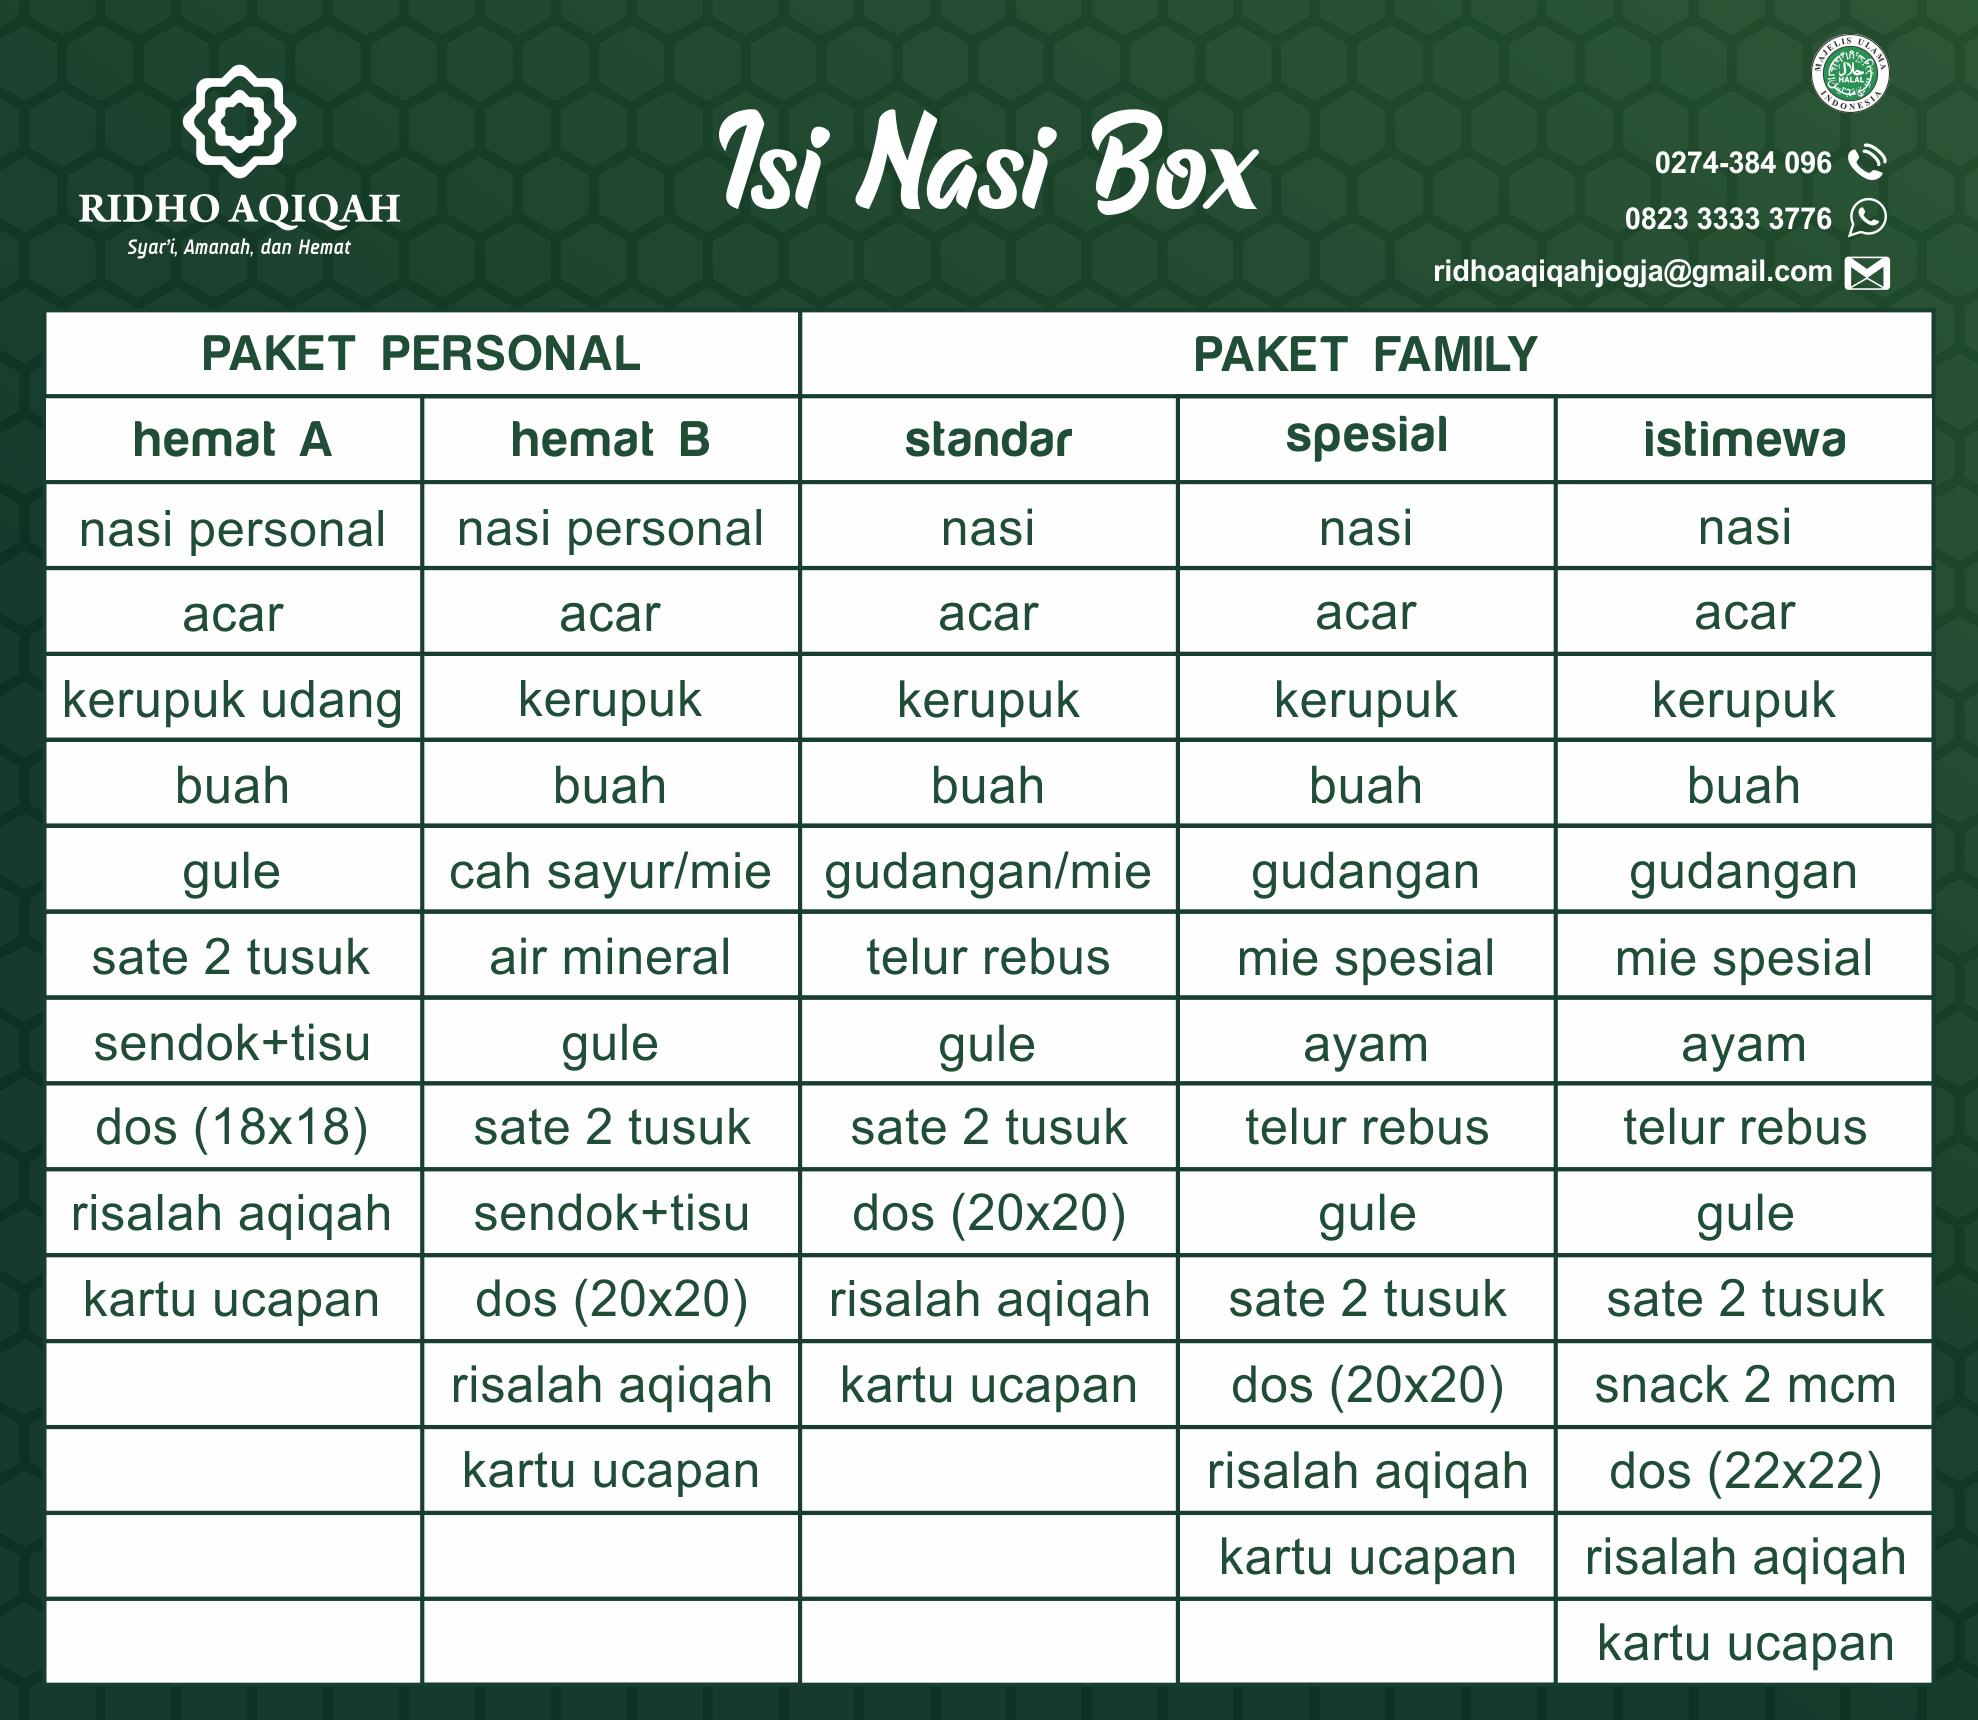 isi nasi box